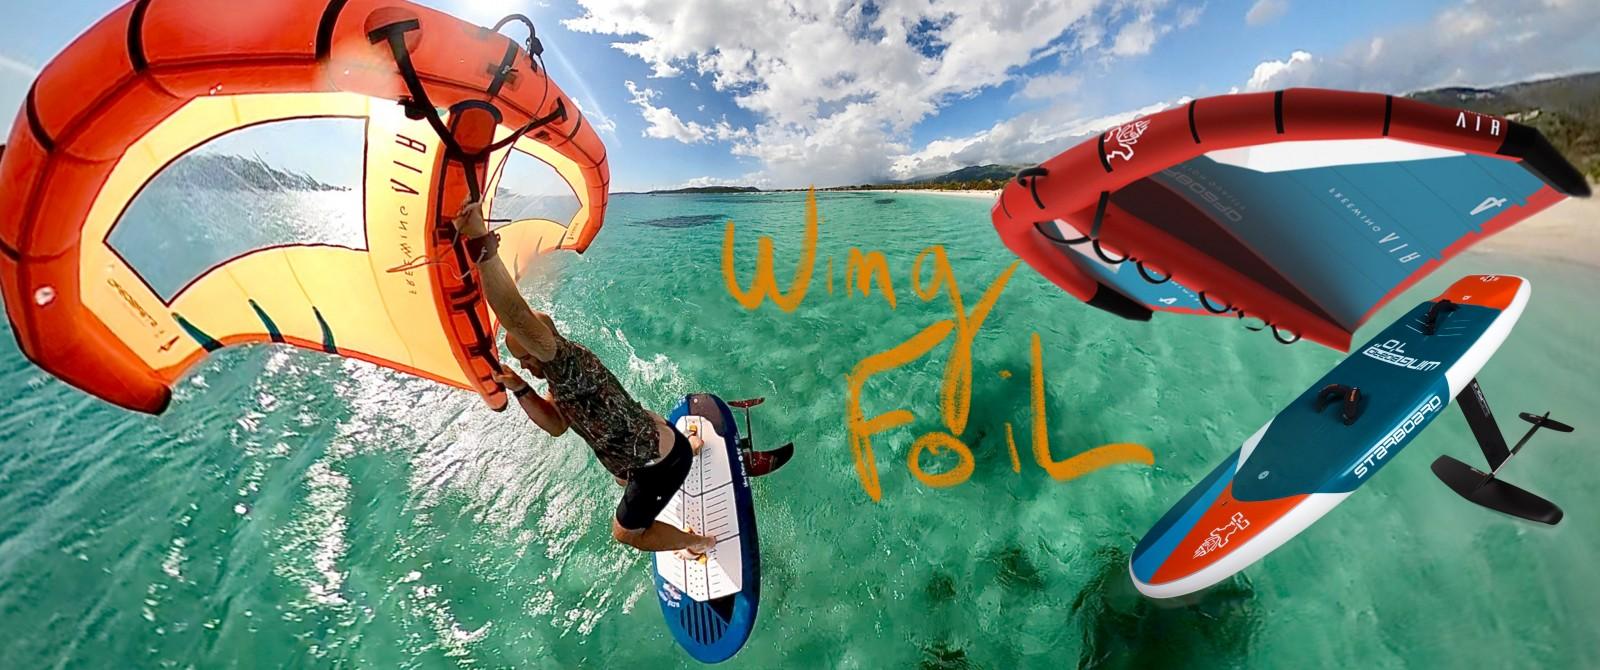 wing foil corse porto vecchio alize surf shop